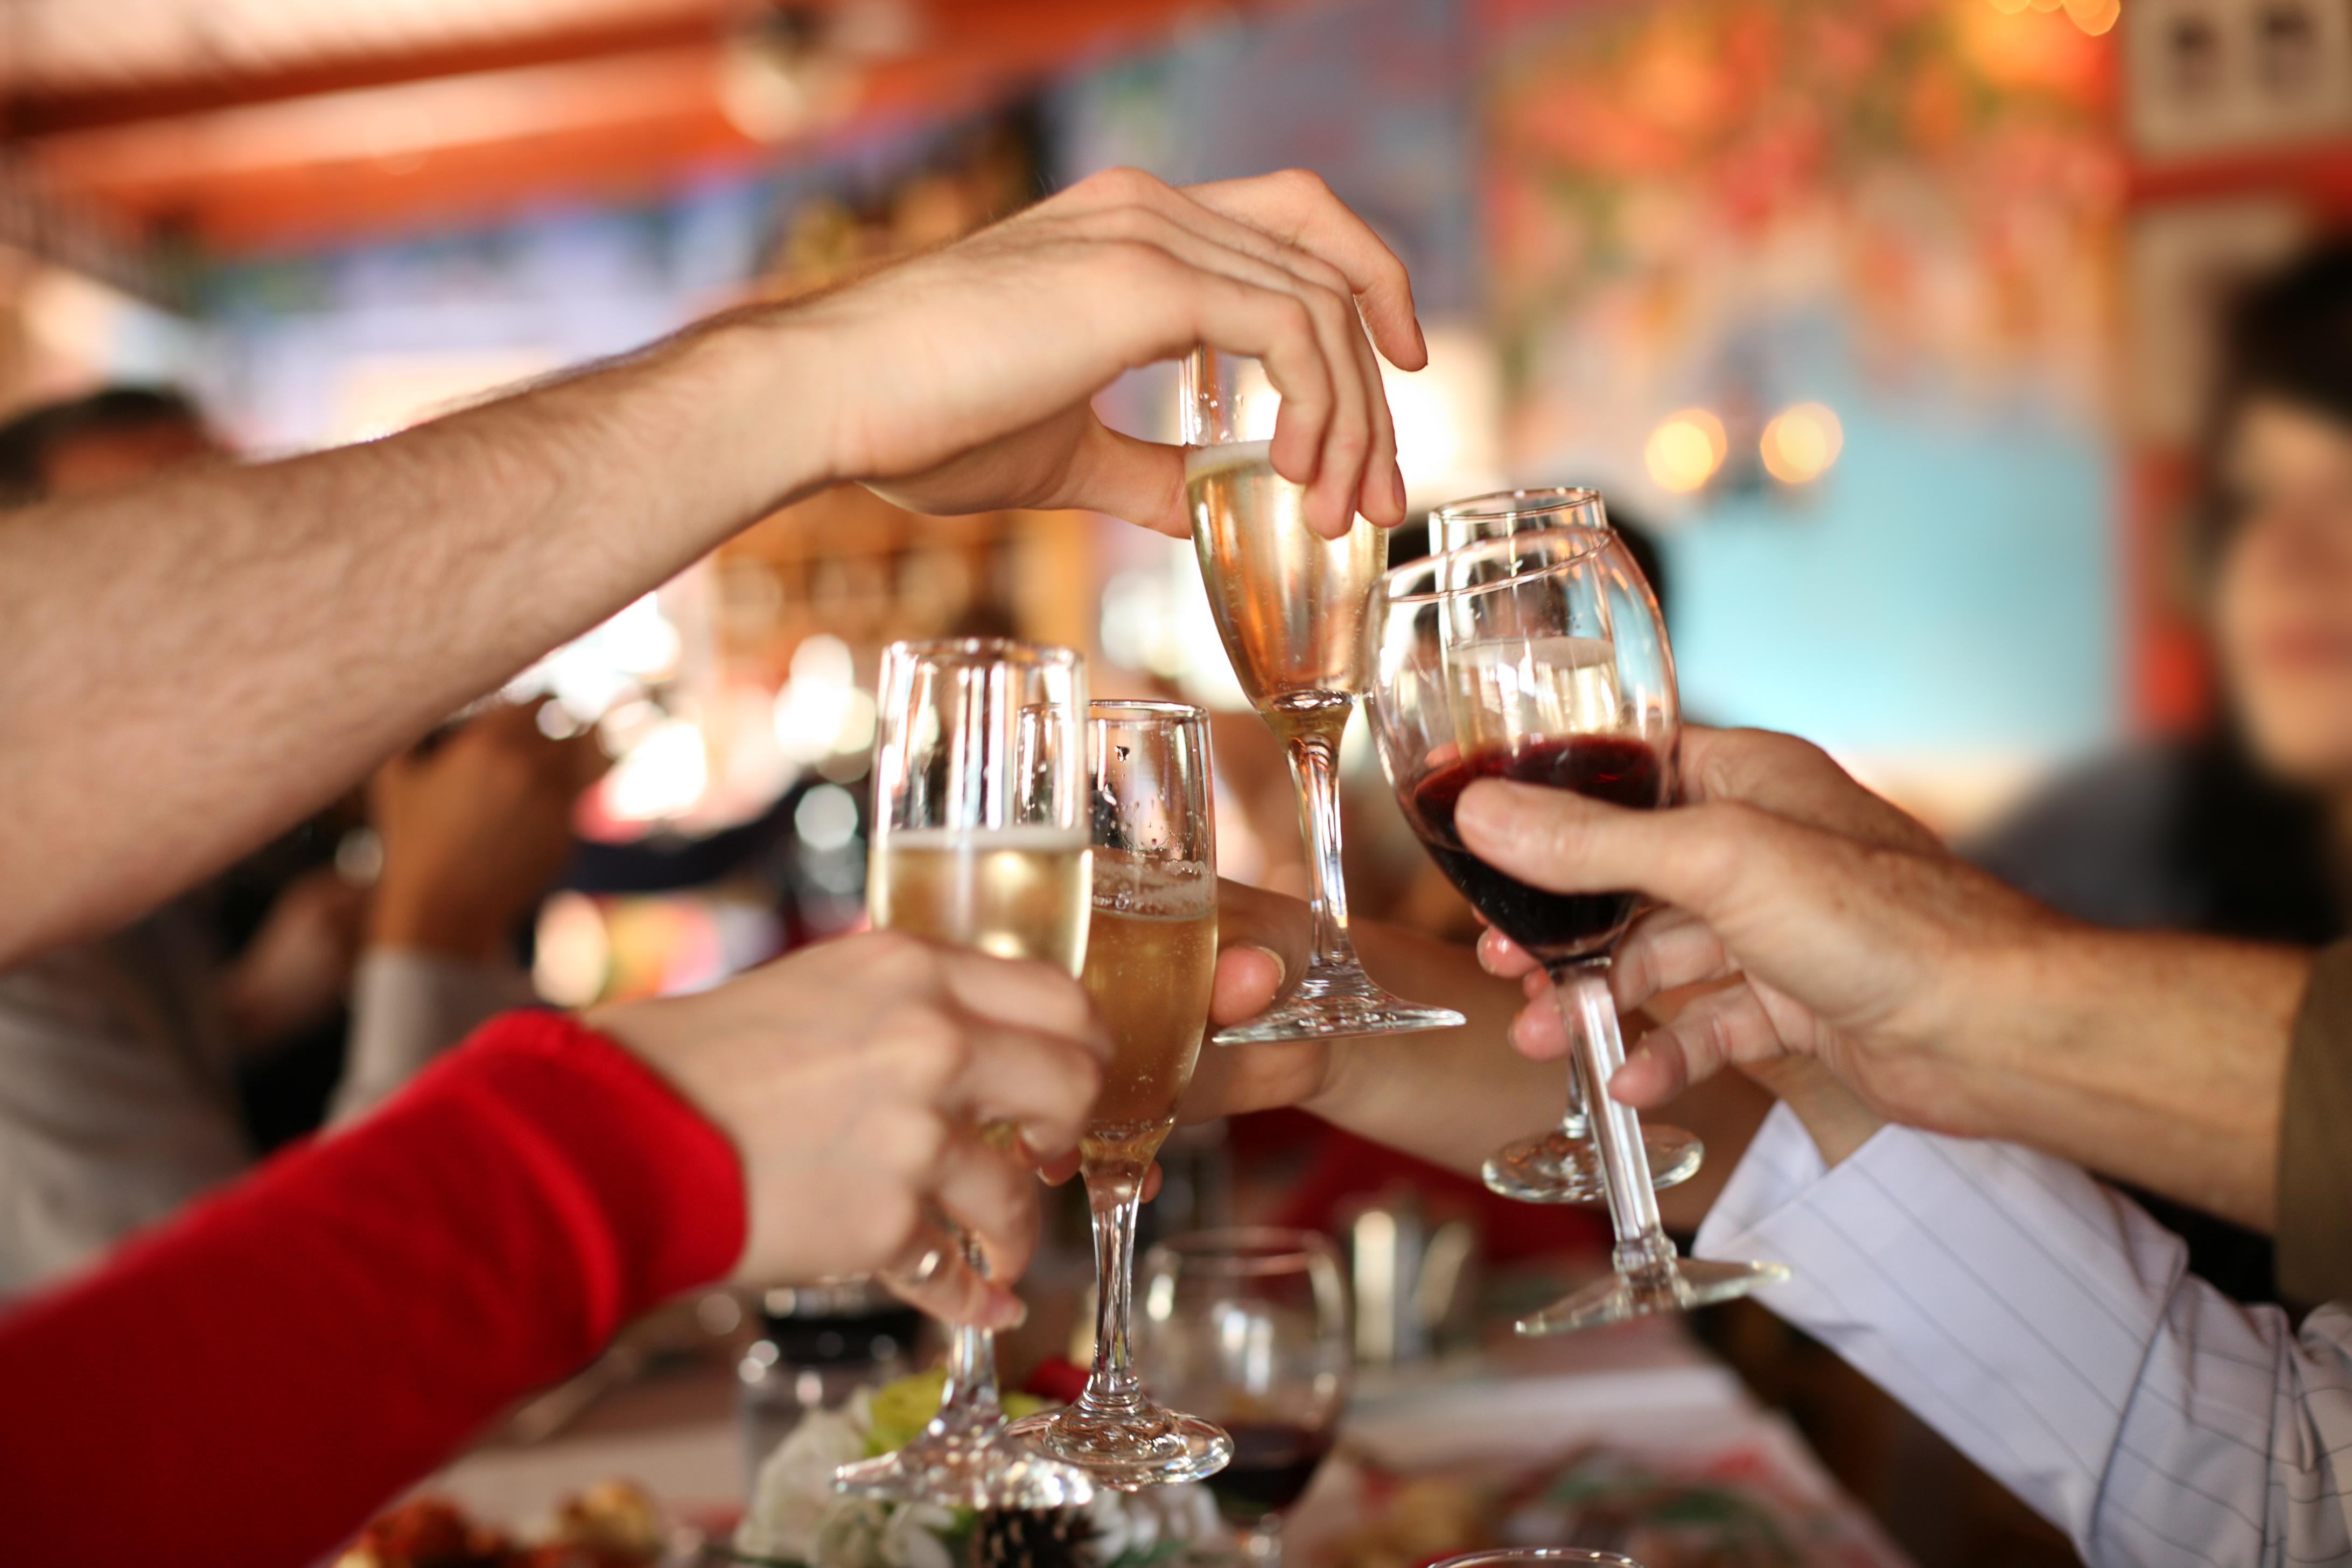 SAG Awards Toasting and Celebrating 4Chion Lifestyle